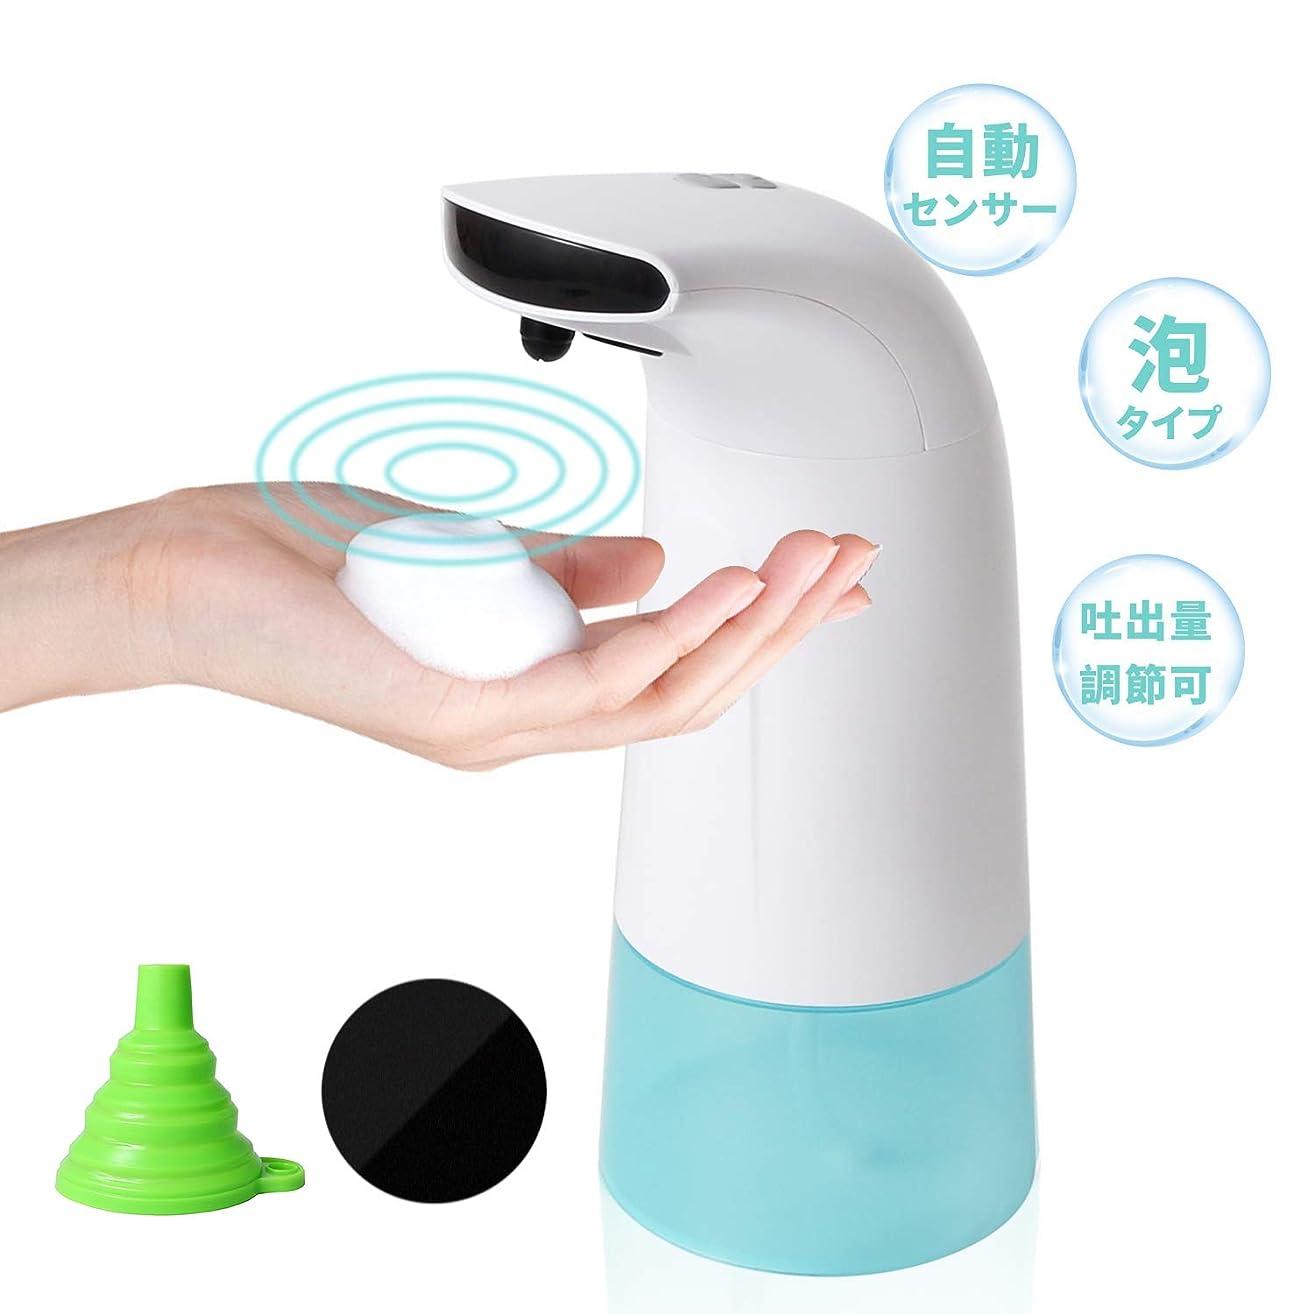 趣味疑問を超えてホステスMEYUEWAL ソープディスペンサー 自動 泡 280ML 2段階調整 非接触 残量確認可 電池式 洗面所 キッチンに適用